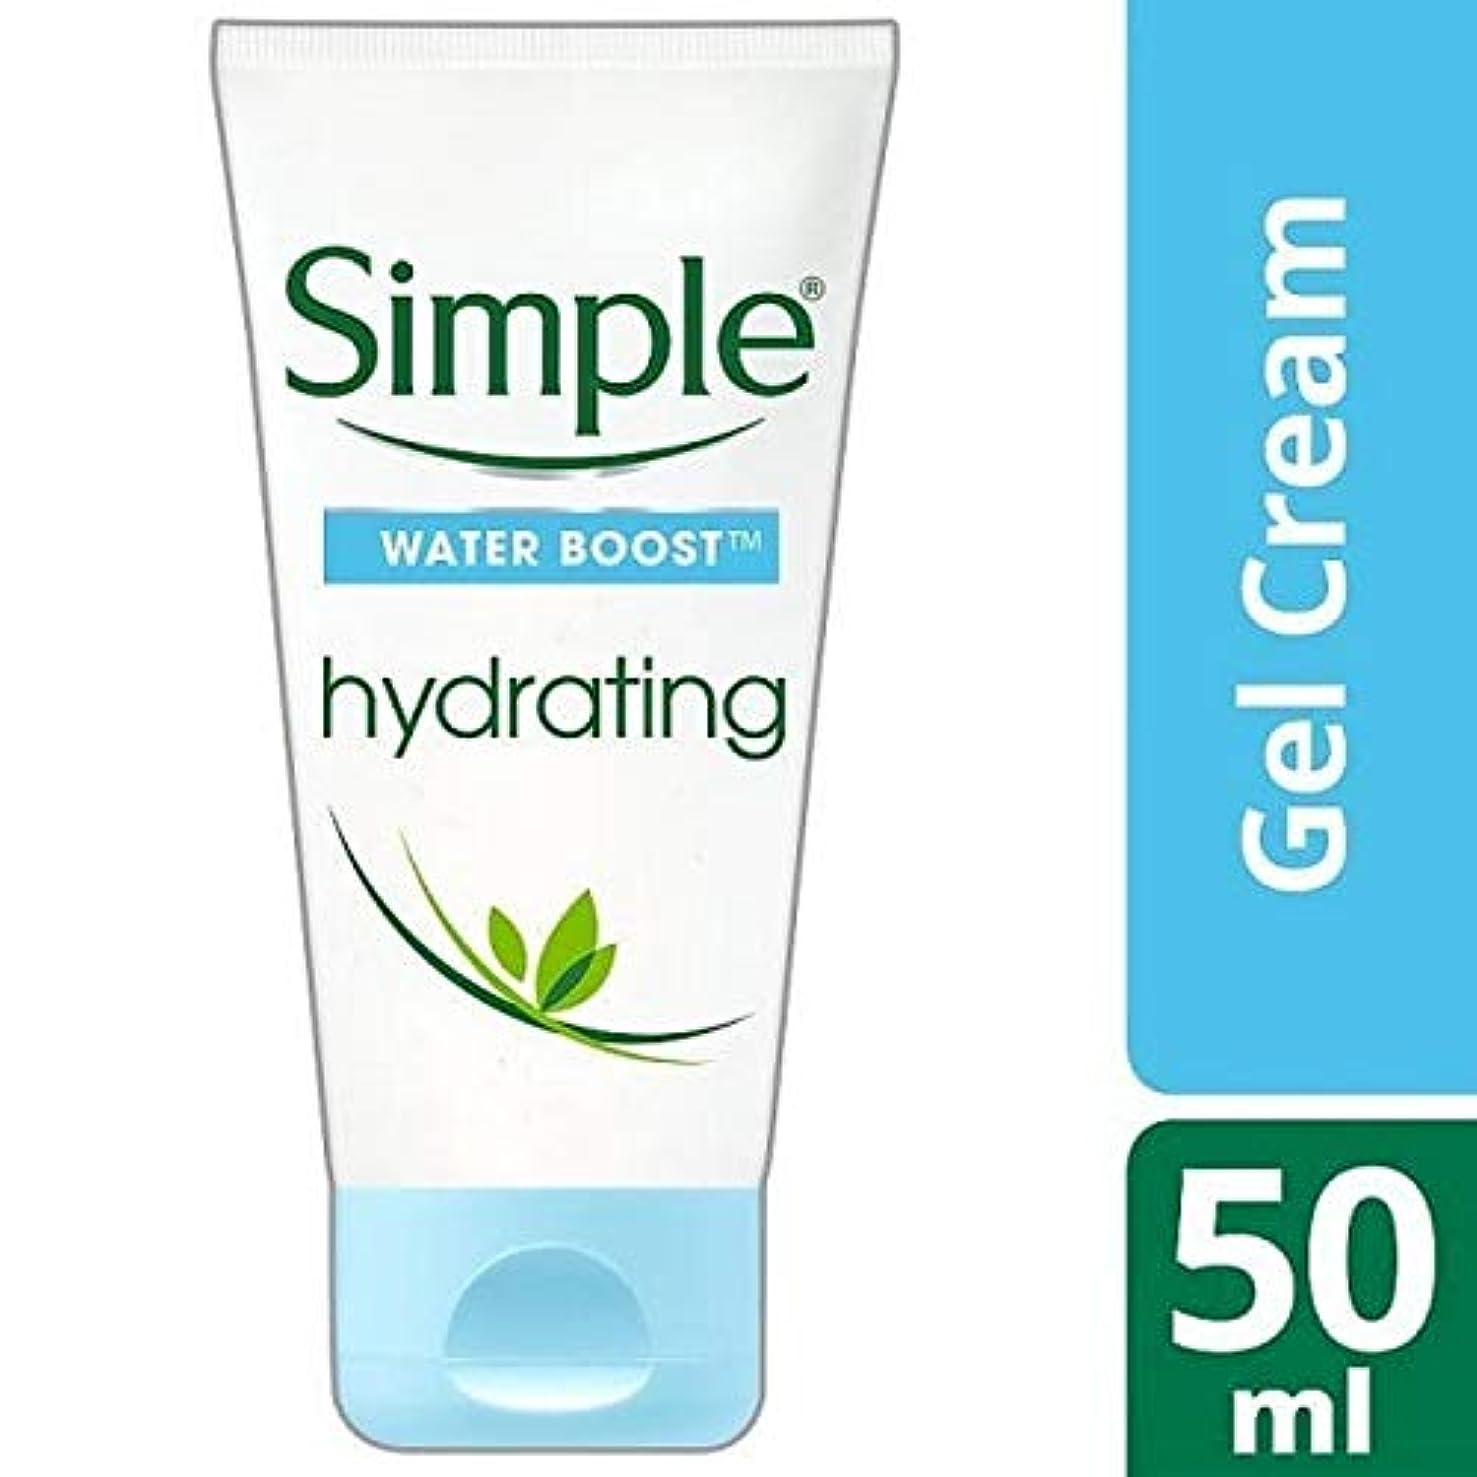 オープナー音声ショルダー[Simple ] シンプルな水ブースト水和ゲルフェイスクリーム50Ml - Simple Water Boost Hydrating Gel Face Cream 50ml [並行輸入品]